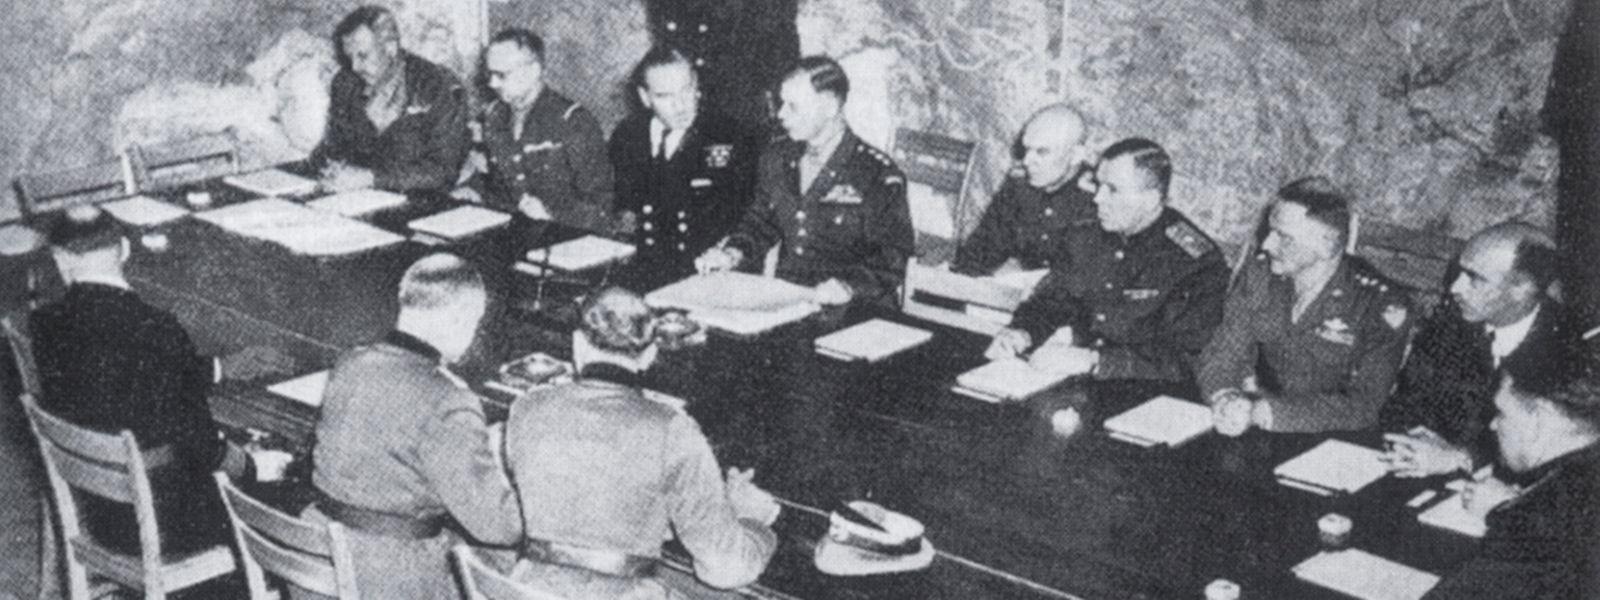 Deutschland kapituliert bedingungslos am 7. Mai im alliierten Hauptquartier von Reims.